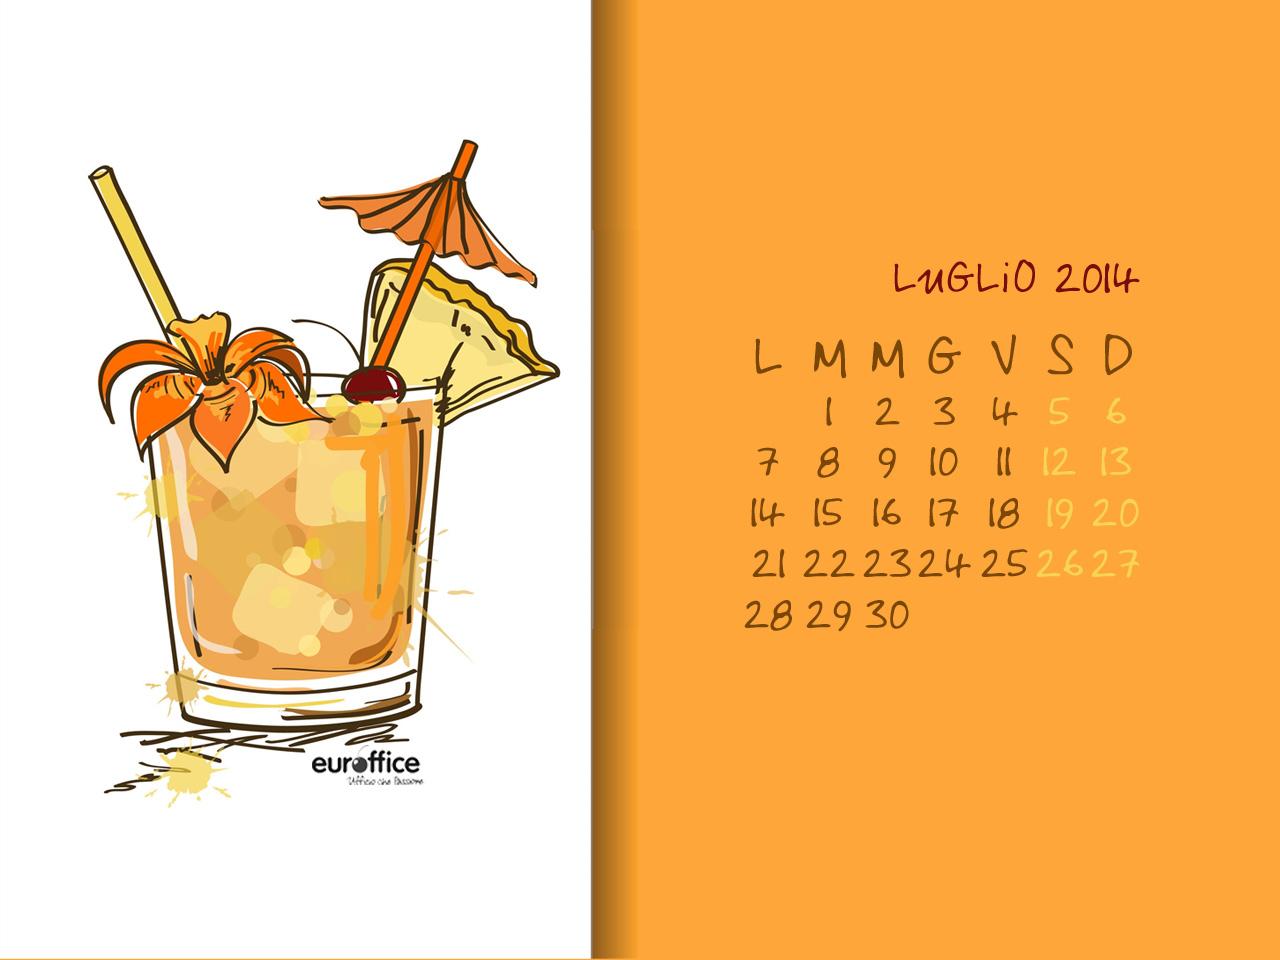 Wallpaper luglio 2014 - Cocktail